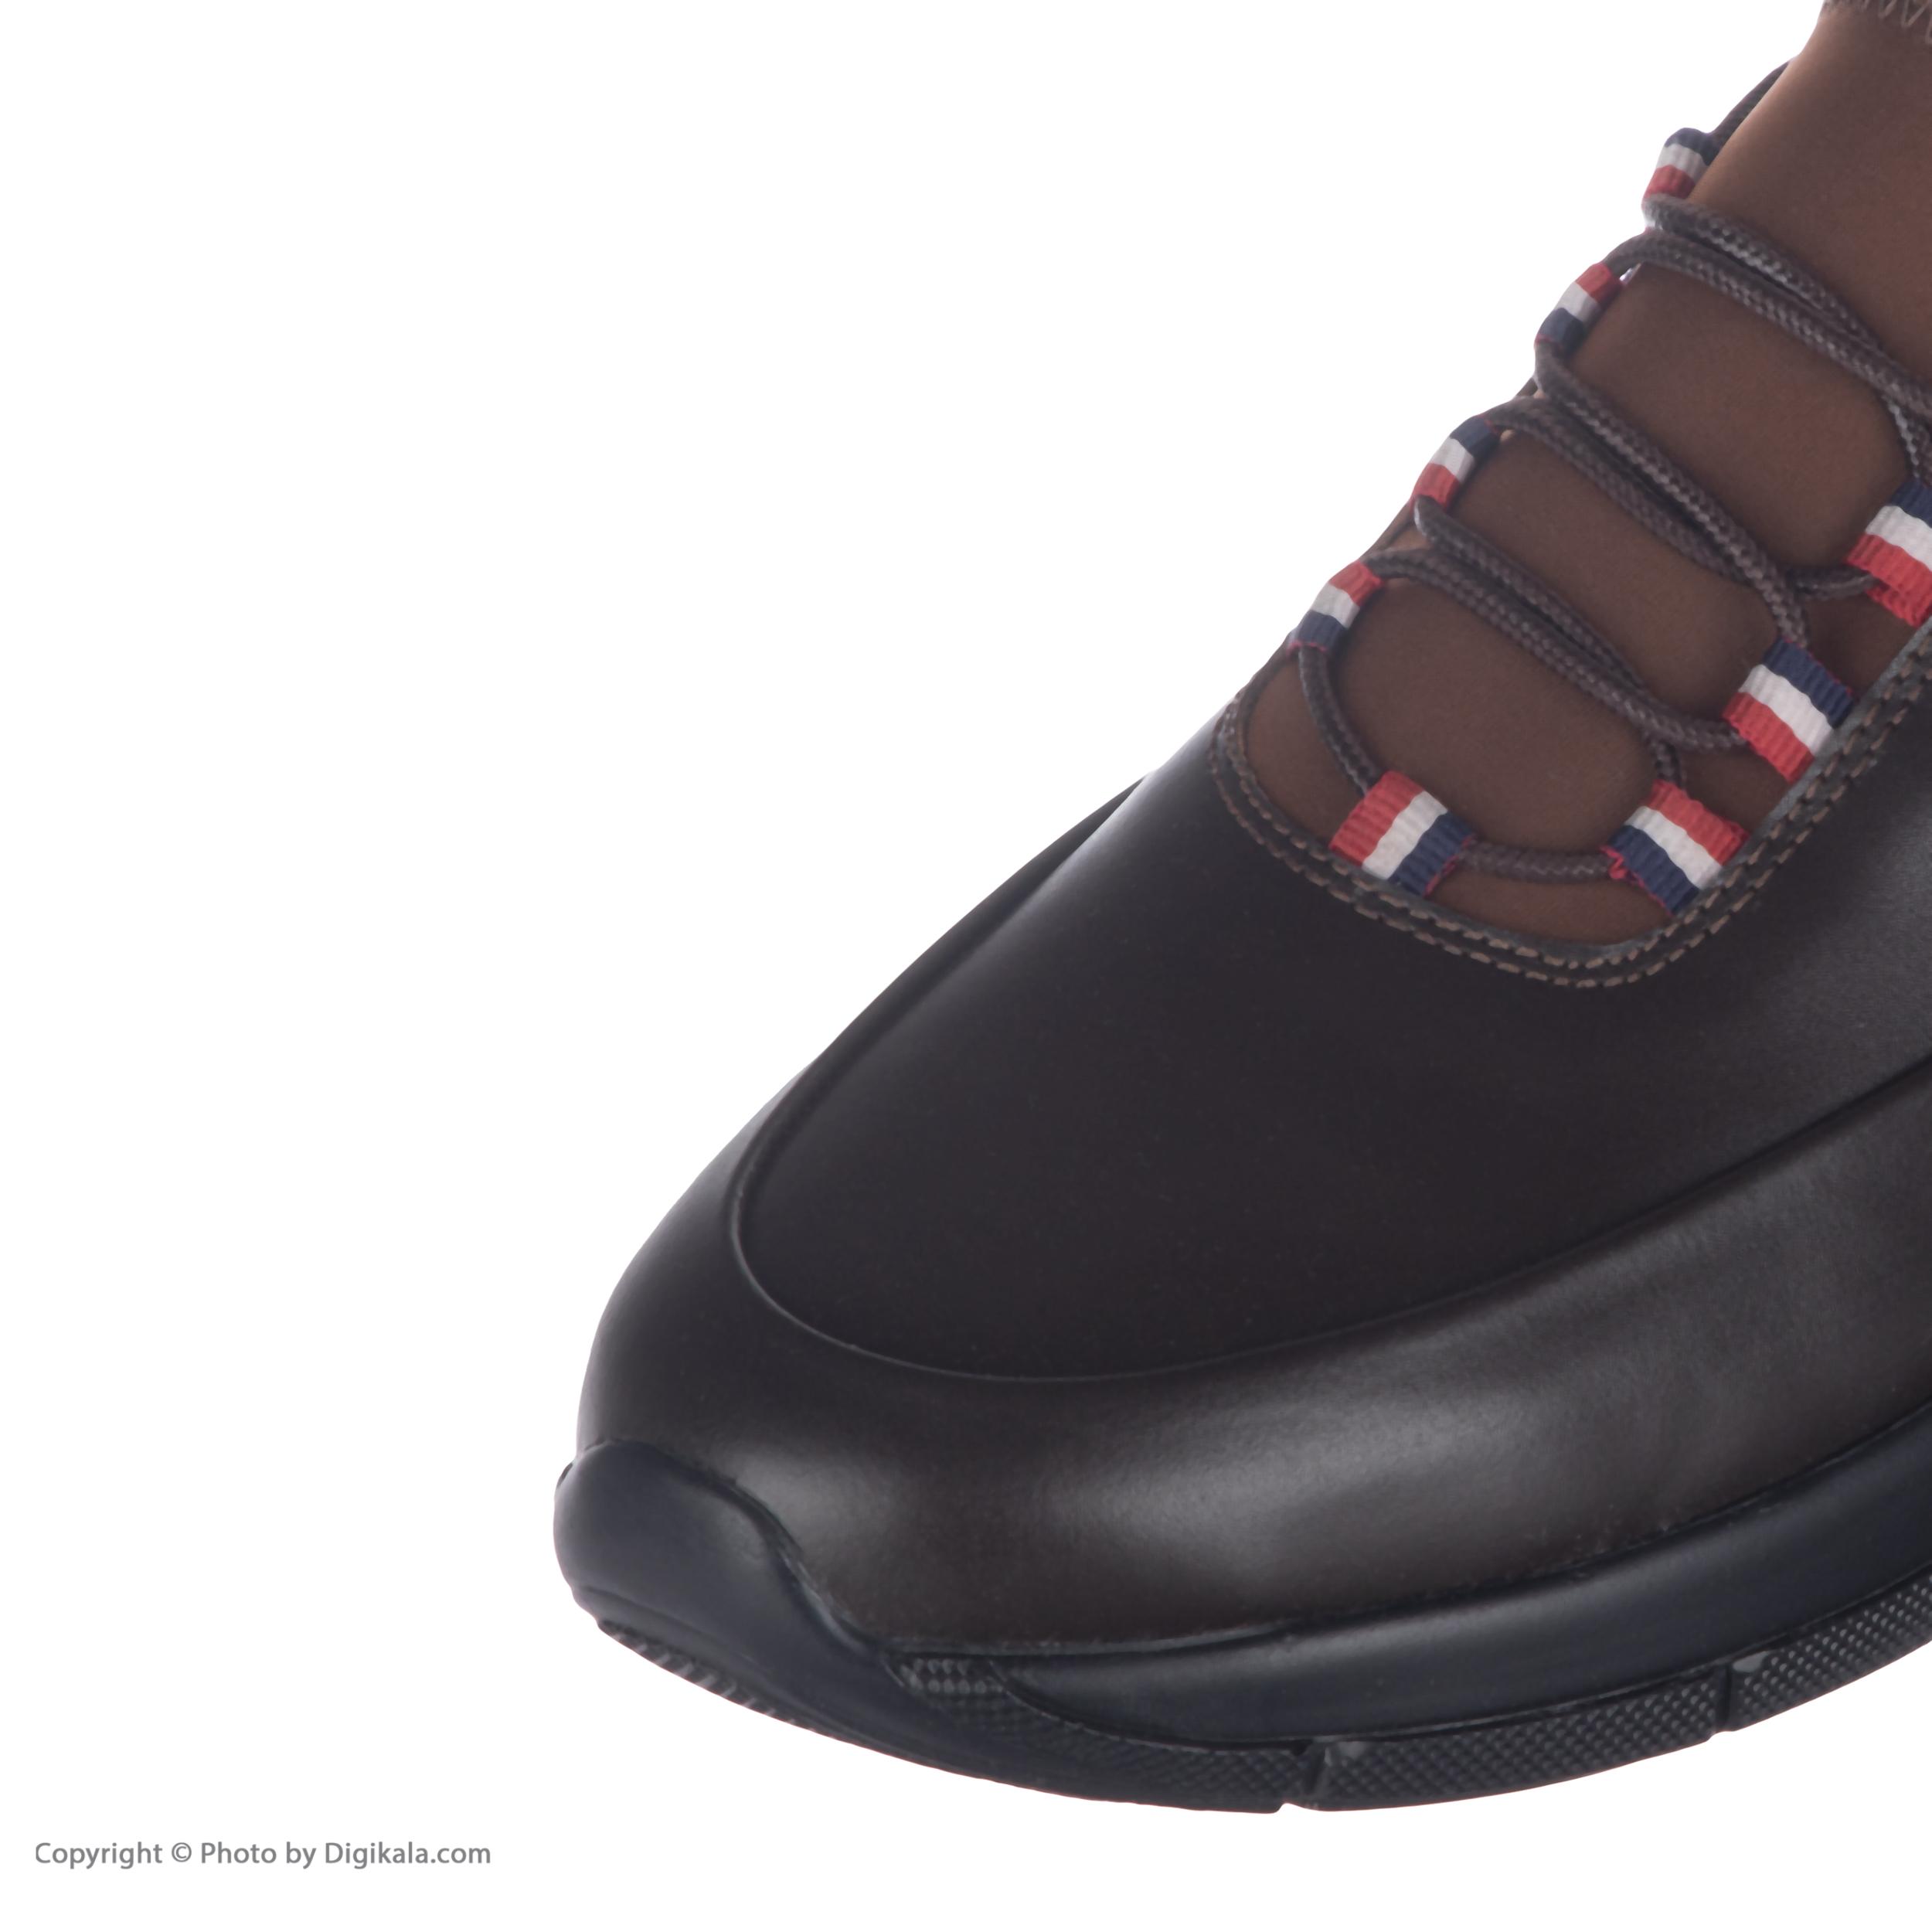 کفش روزمره مردانه دانادل مدل 8607A503104 -  - 6